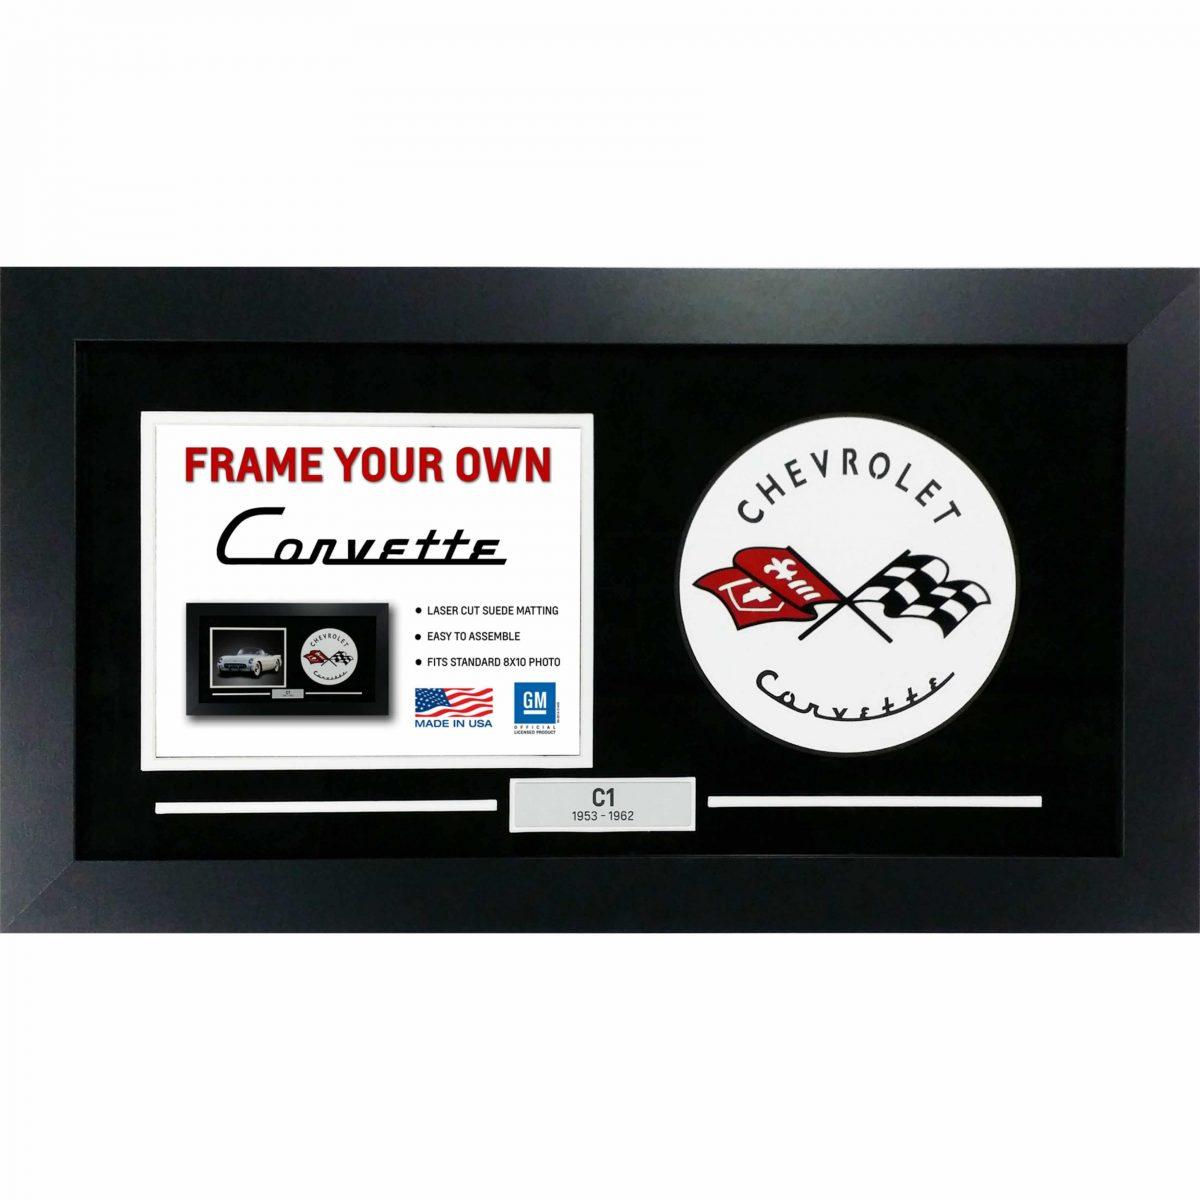 Corvette Generation Emblem Flags - Frame Your Photo - C1